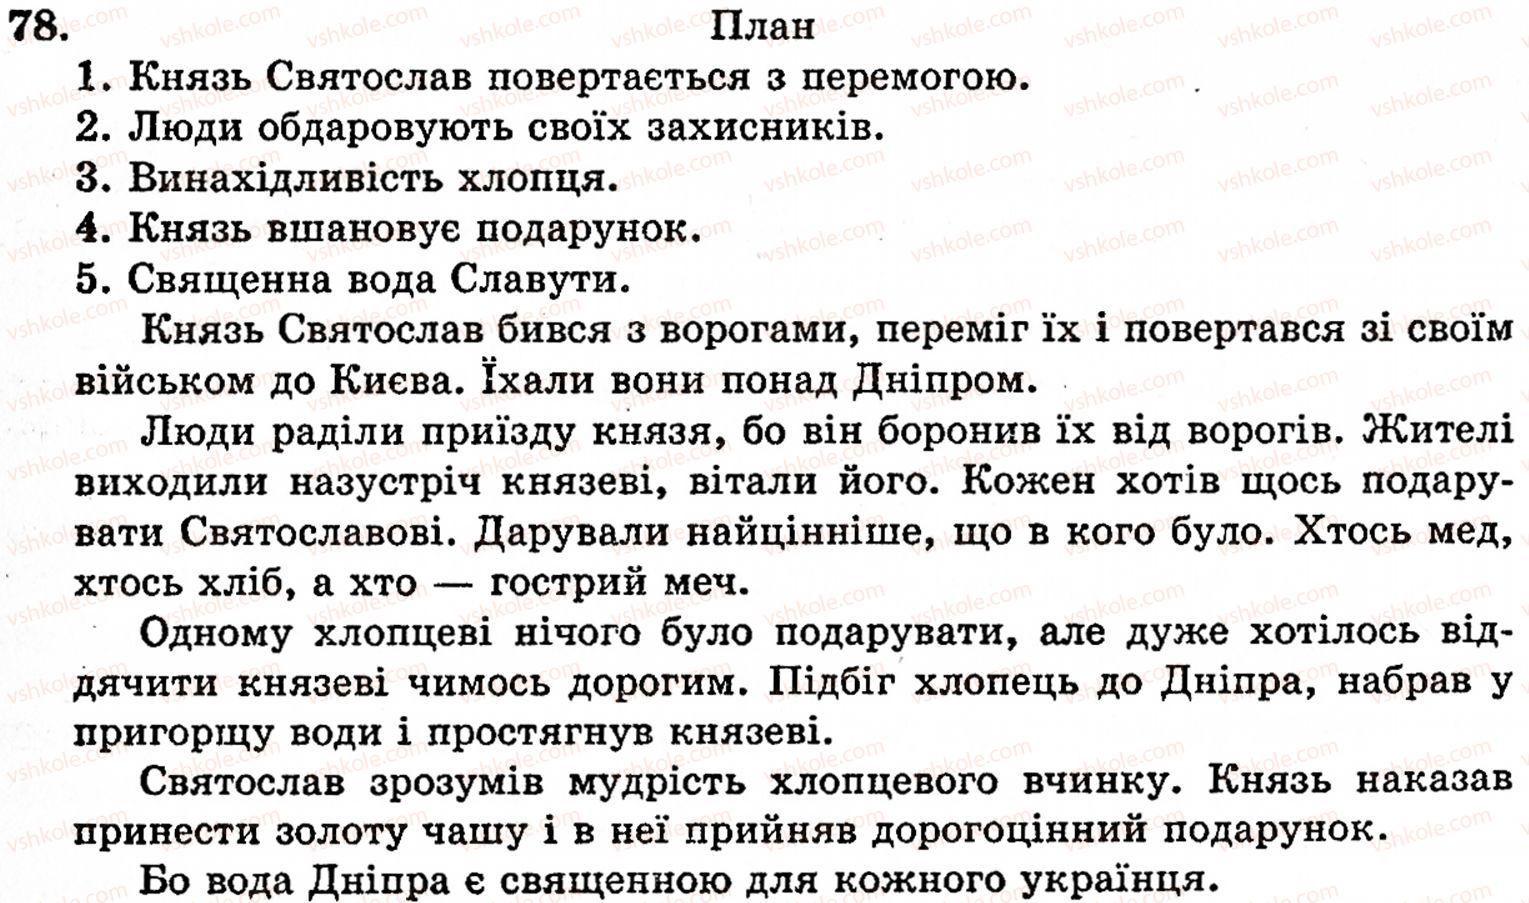 5-ukrayinska-mova-op-glazova-yub-kuznetsov-78